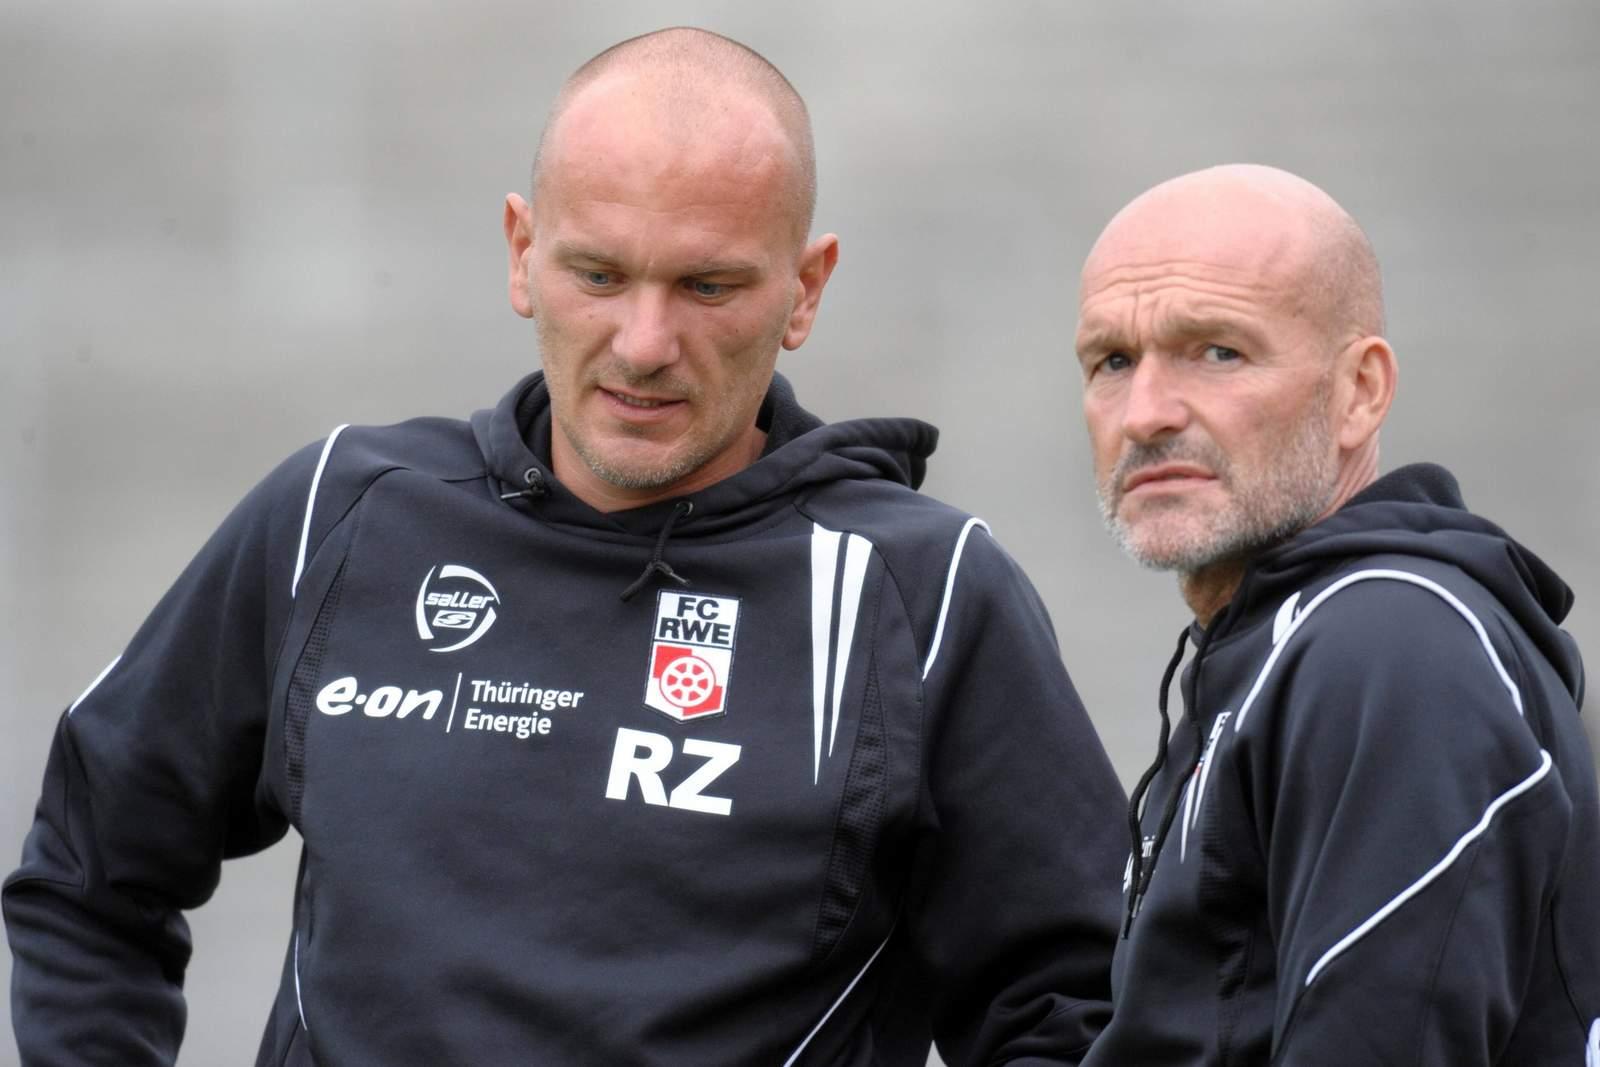 Rudi Zedi und Stefan Emmerling arbeiteten gemeinsam für Rot-Weiß Erfurt.